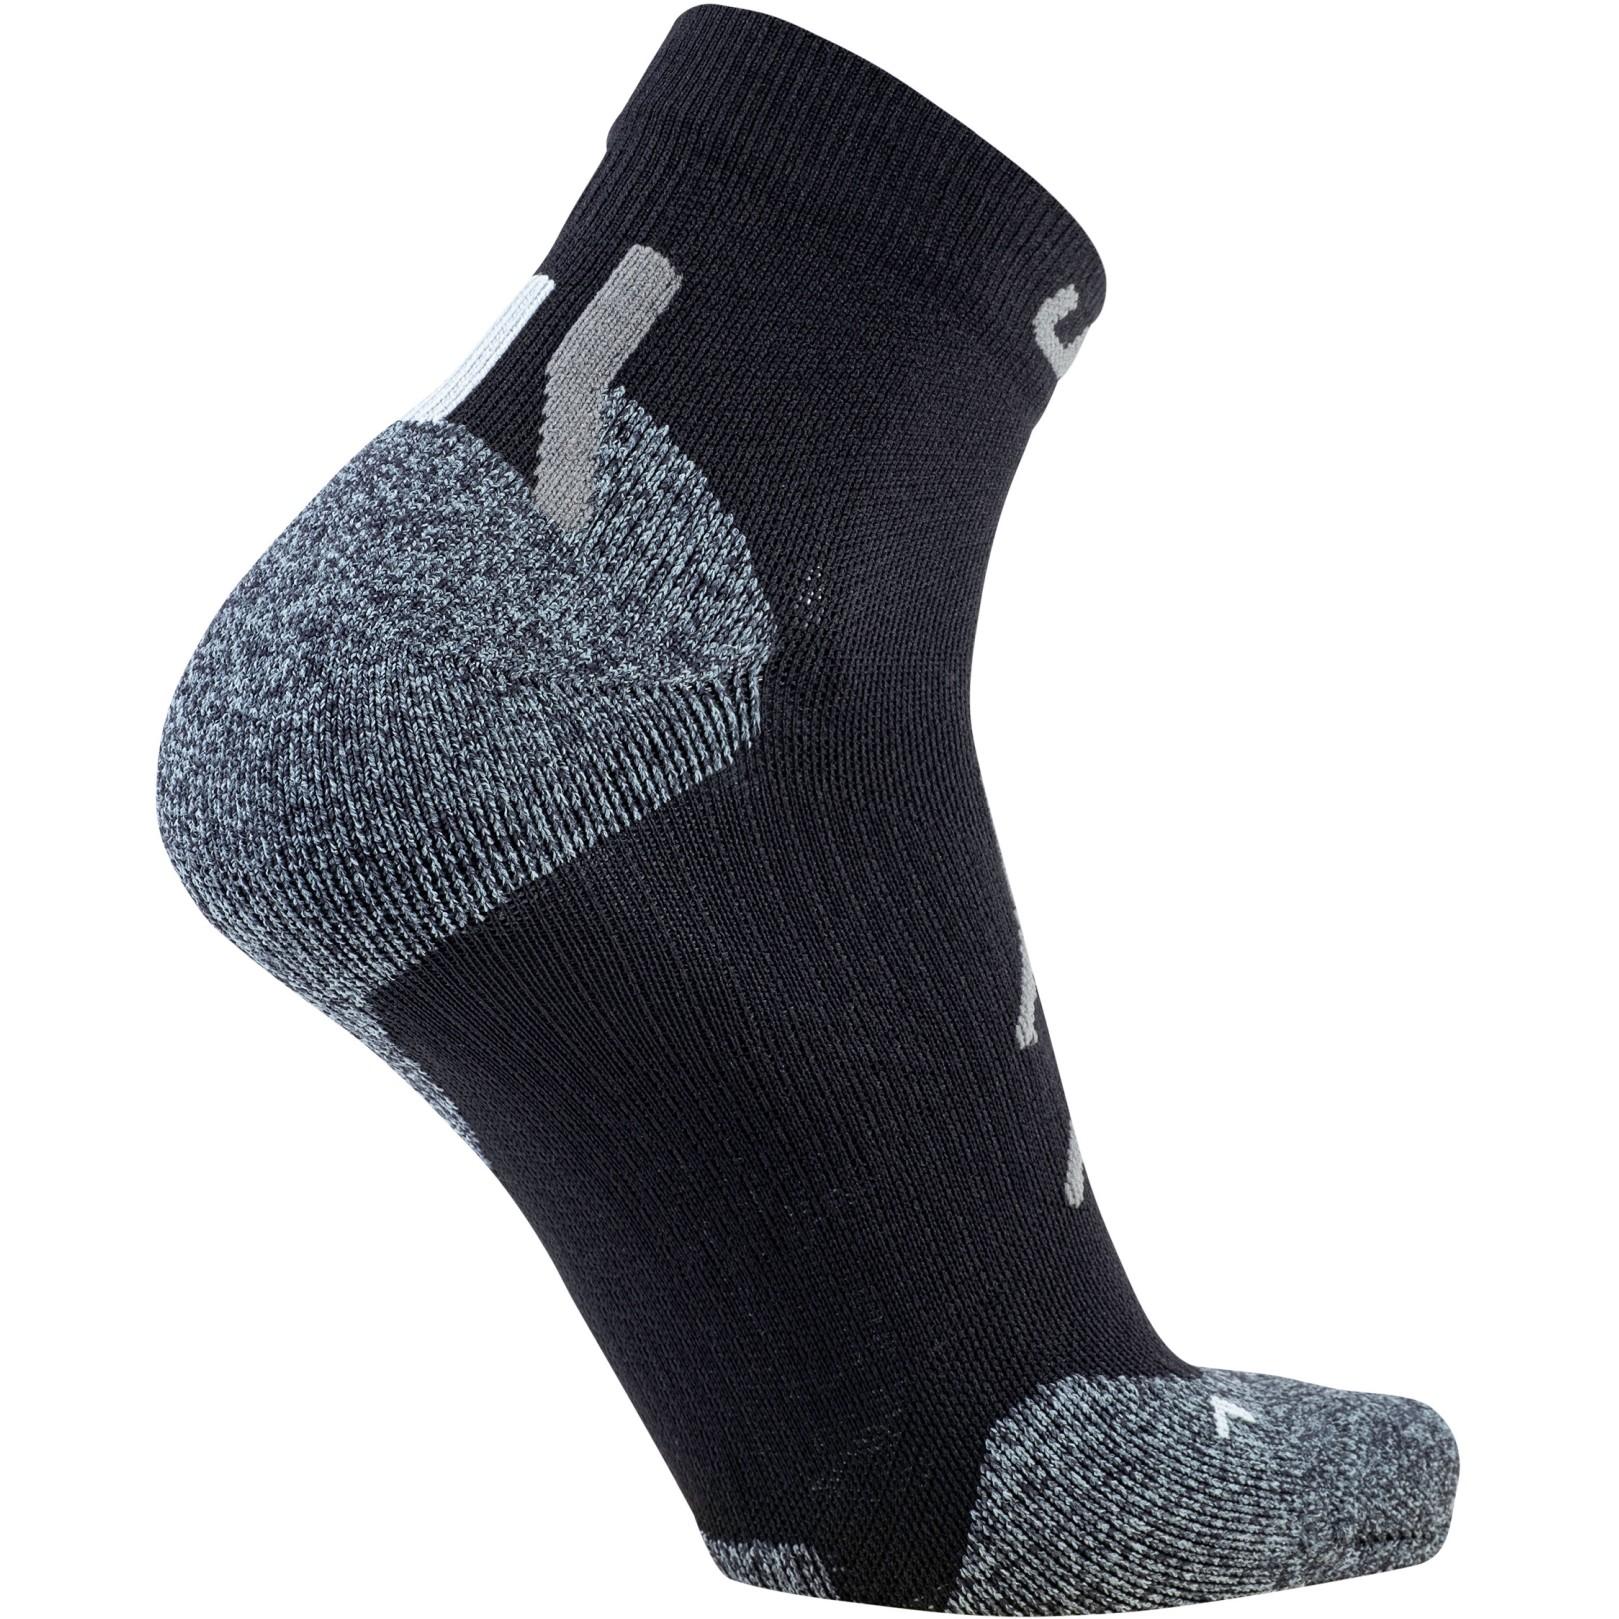 Image of UYN Lady Trekking Approach Low Cut Socks - Black/Grey